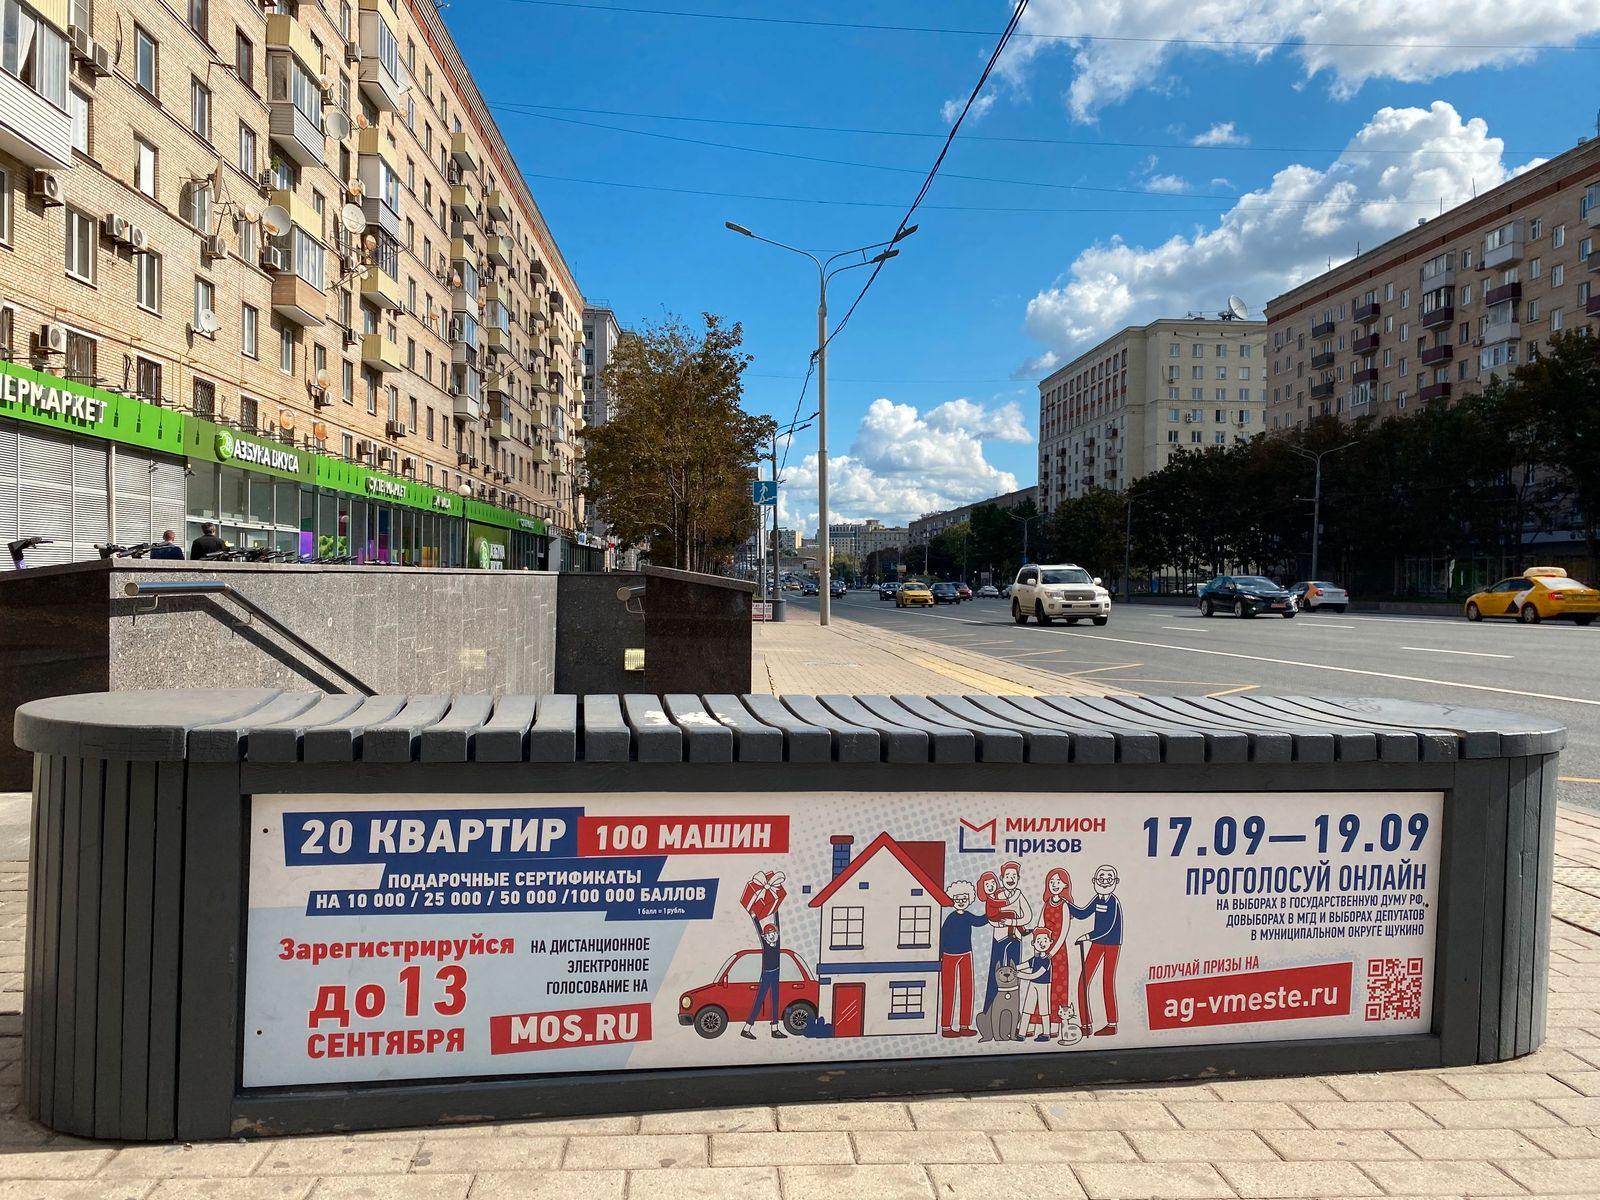 Werbung für Registrierung zur Online-Abstimmung in Moskau